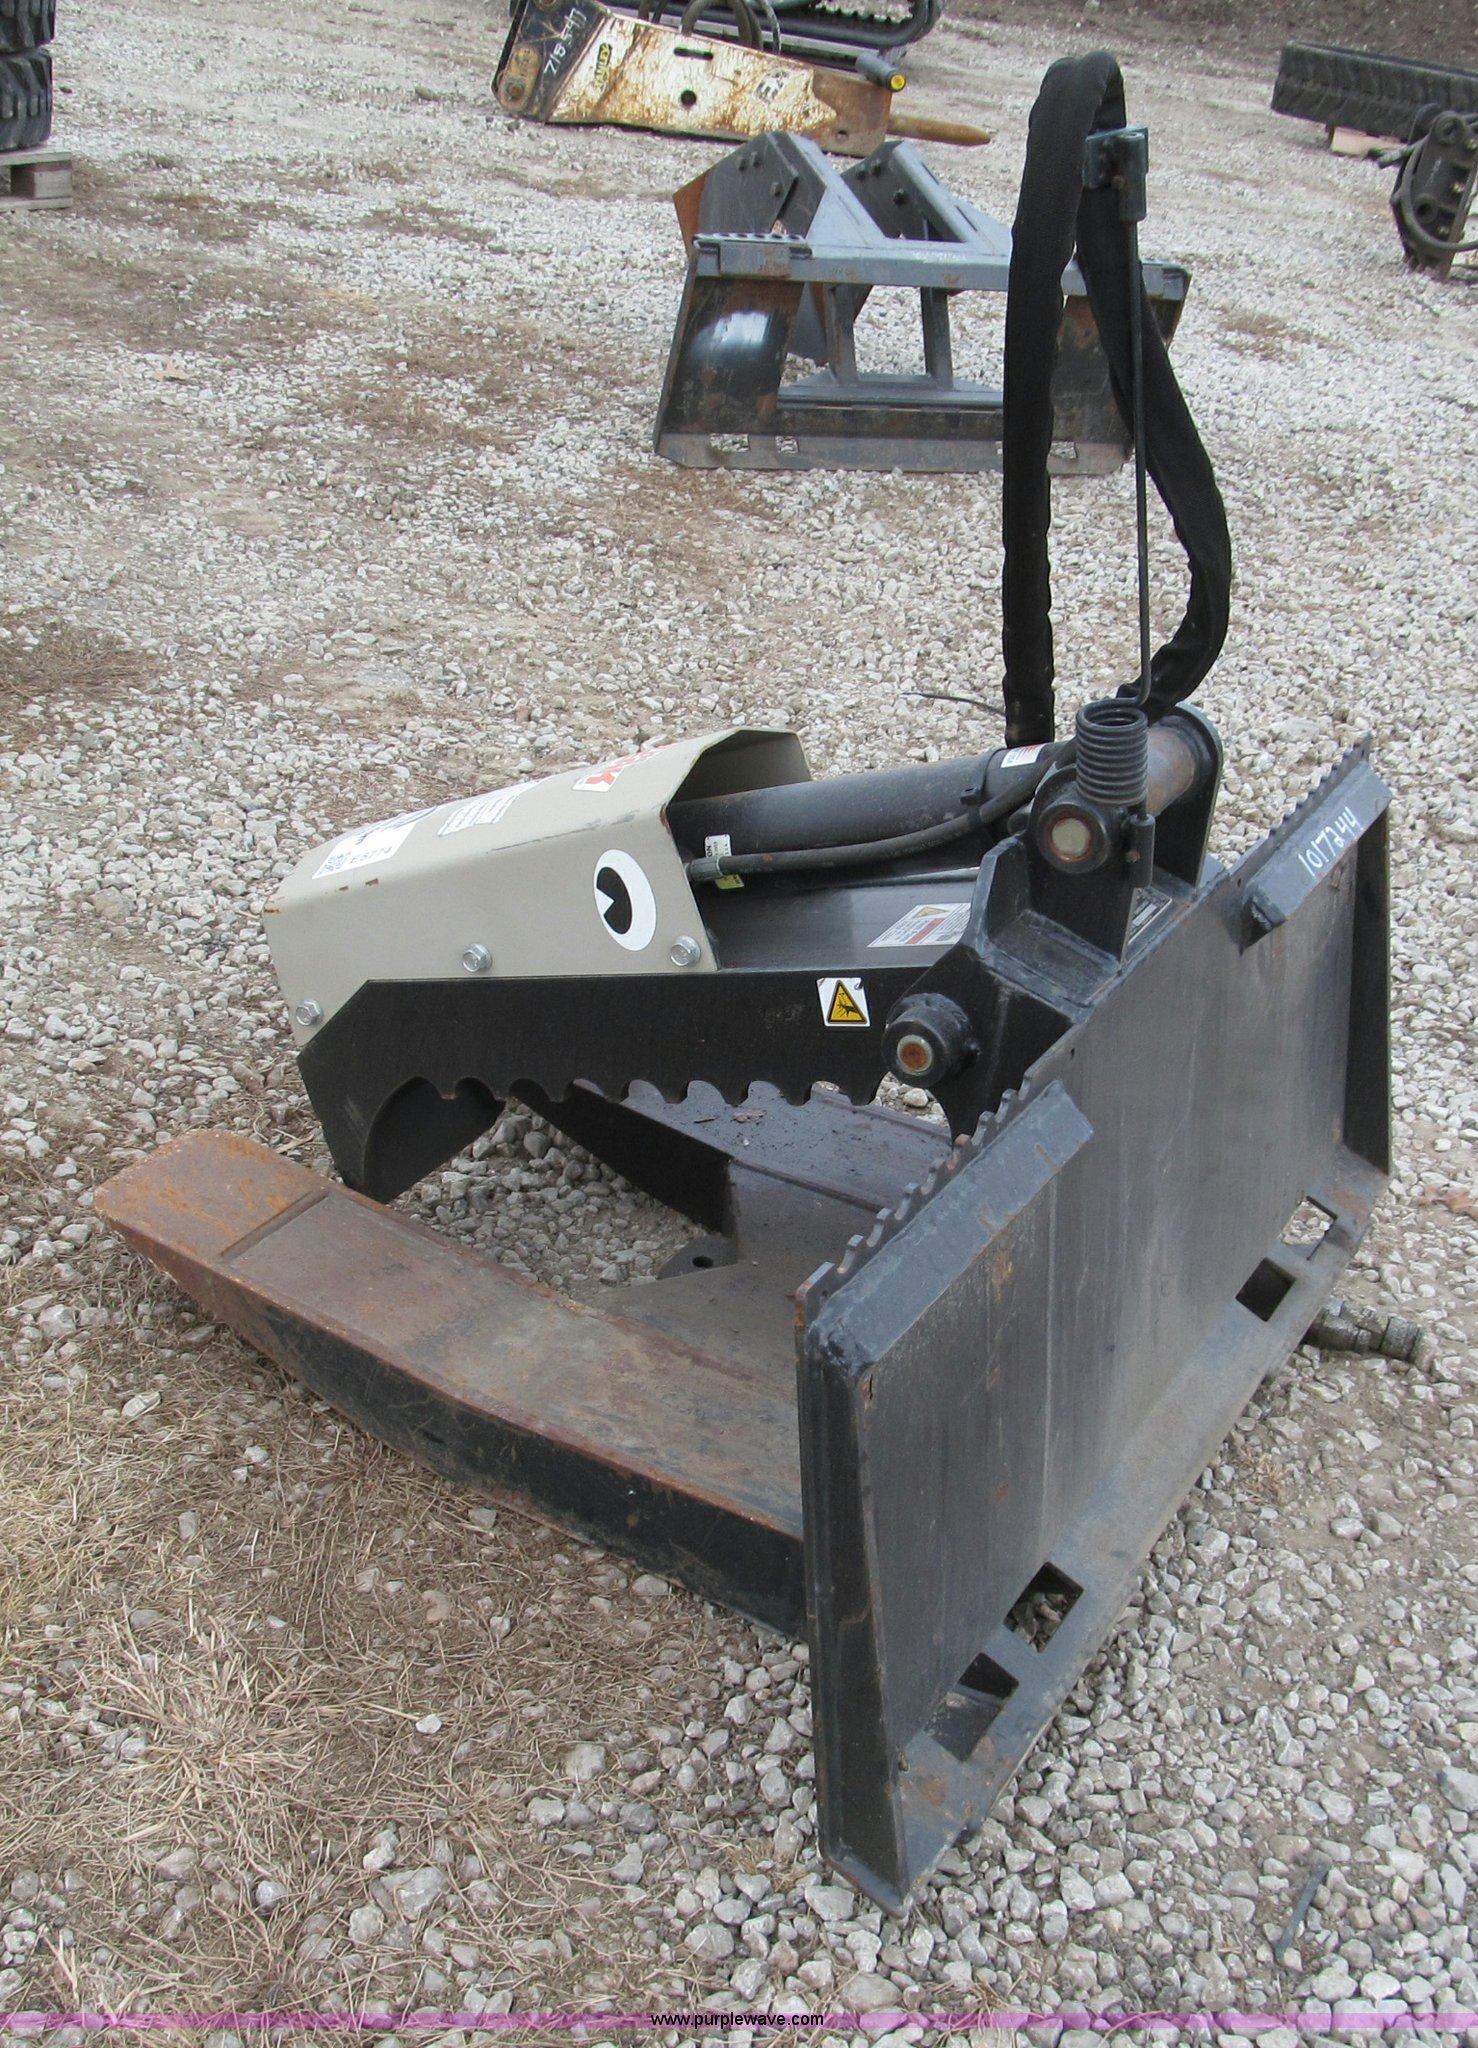 The Beak skid steer fork grapple   Item E5774   SOLD! Friday